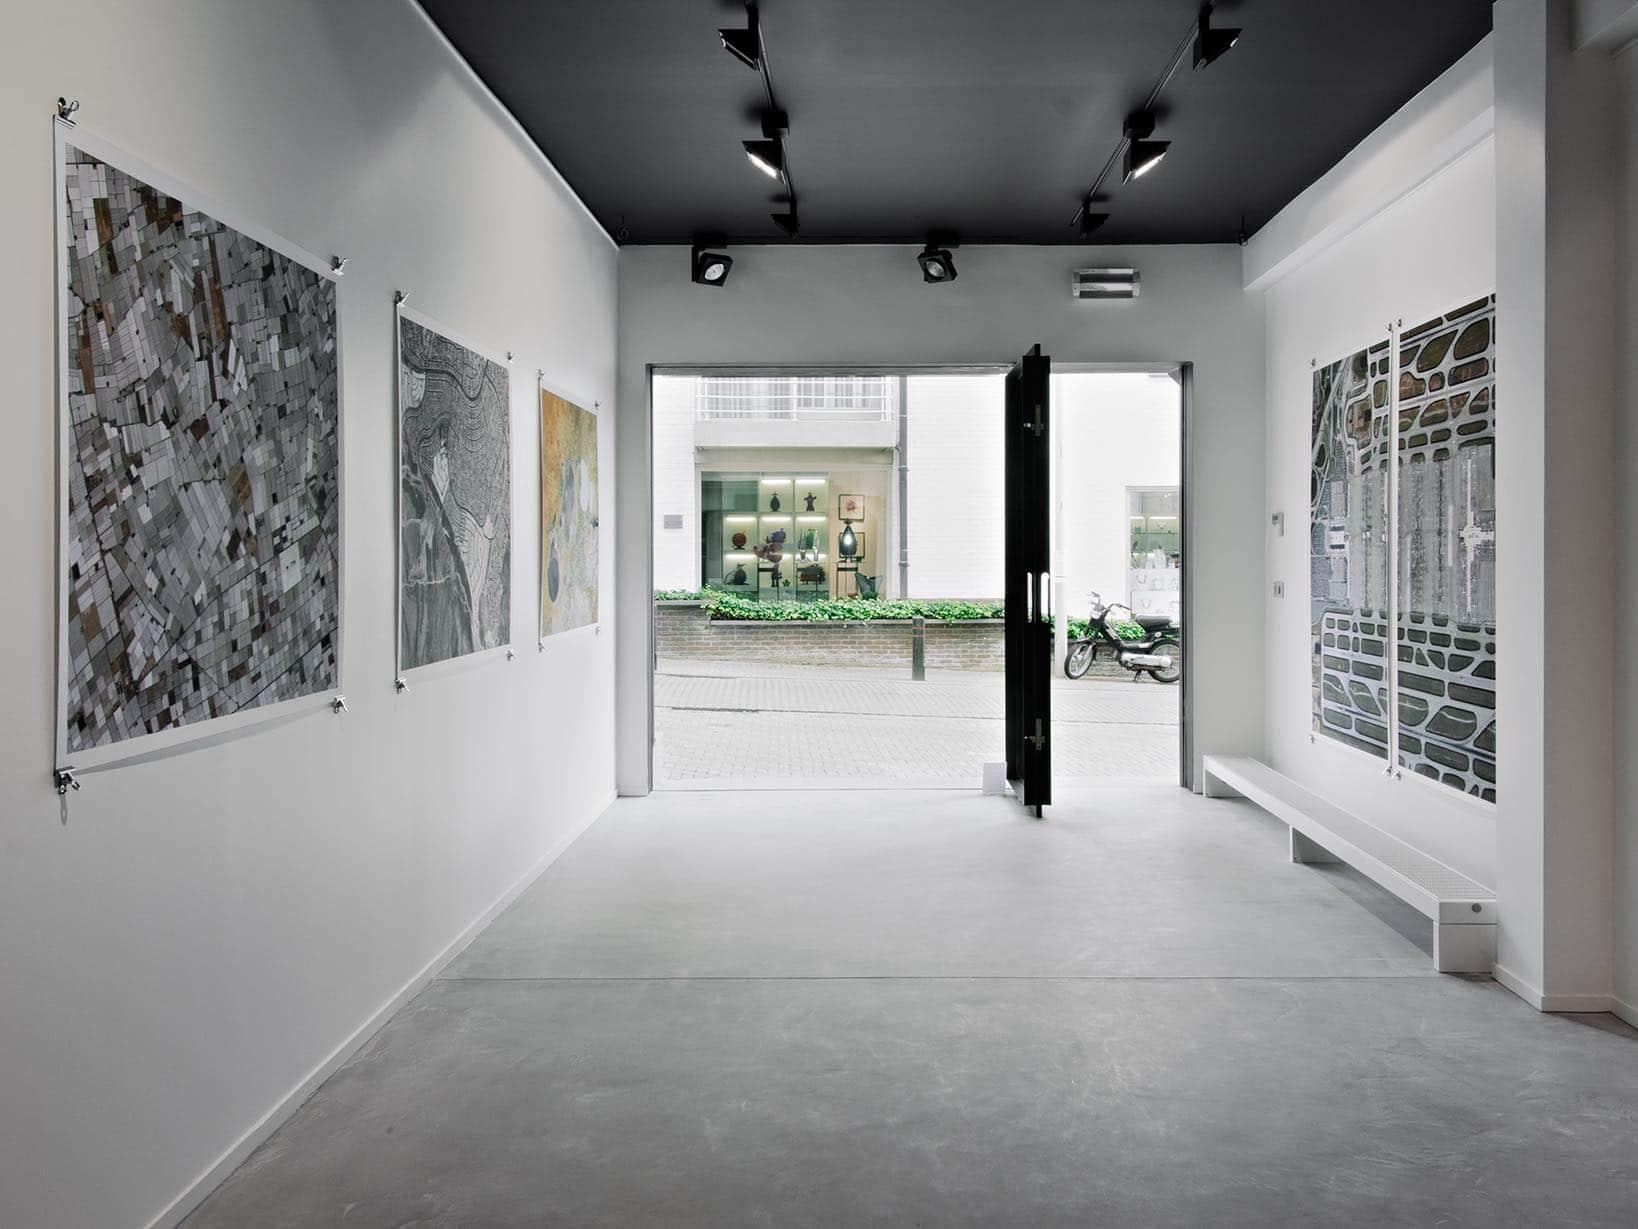 gallery-maenhoudt